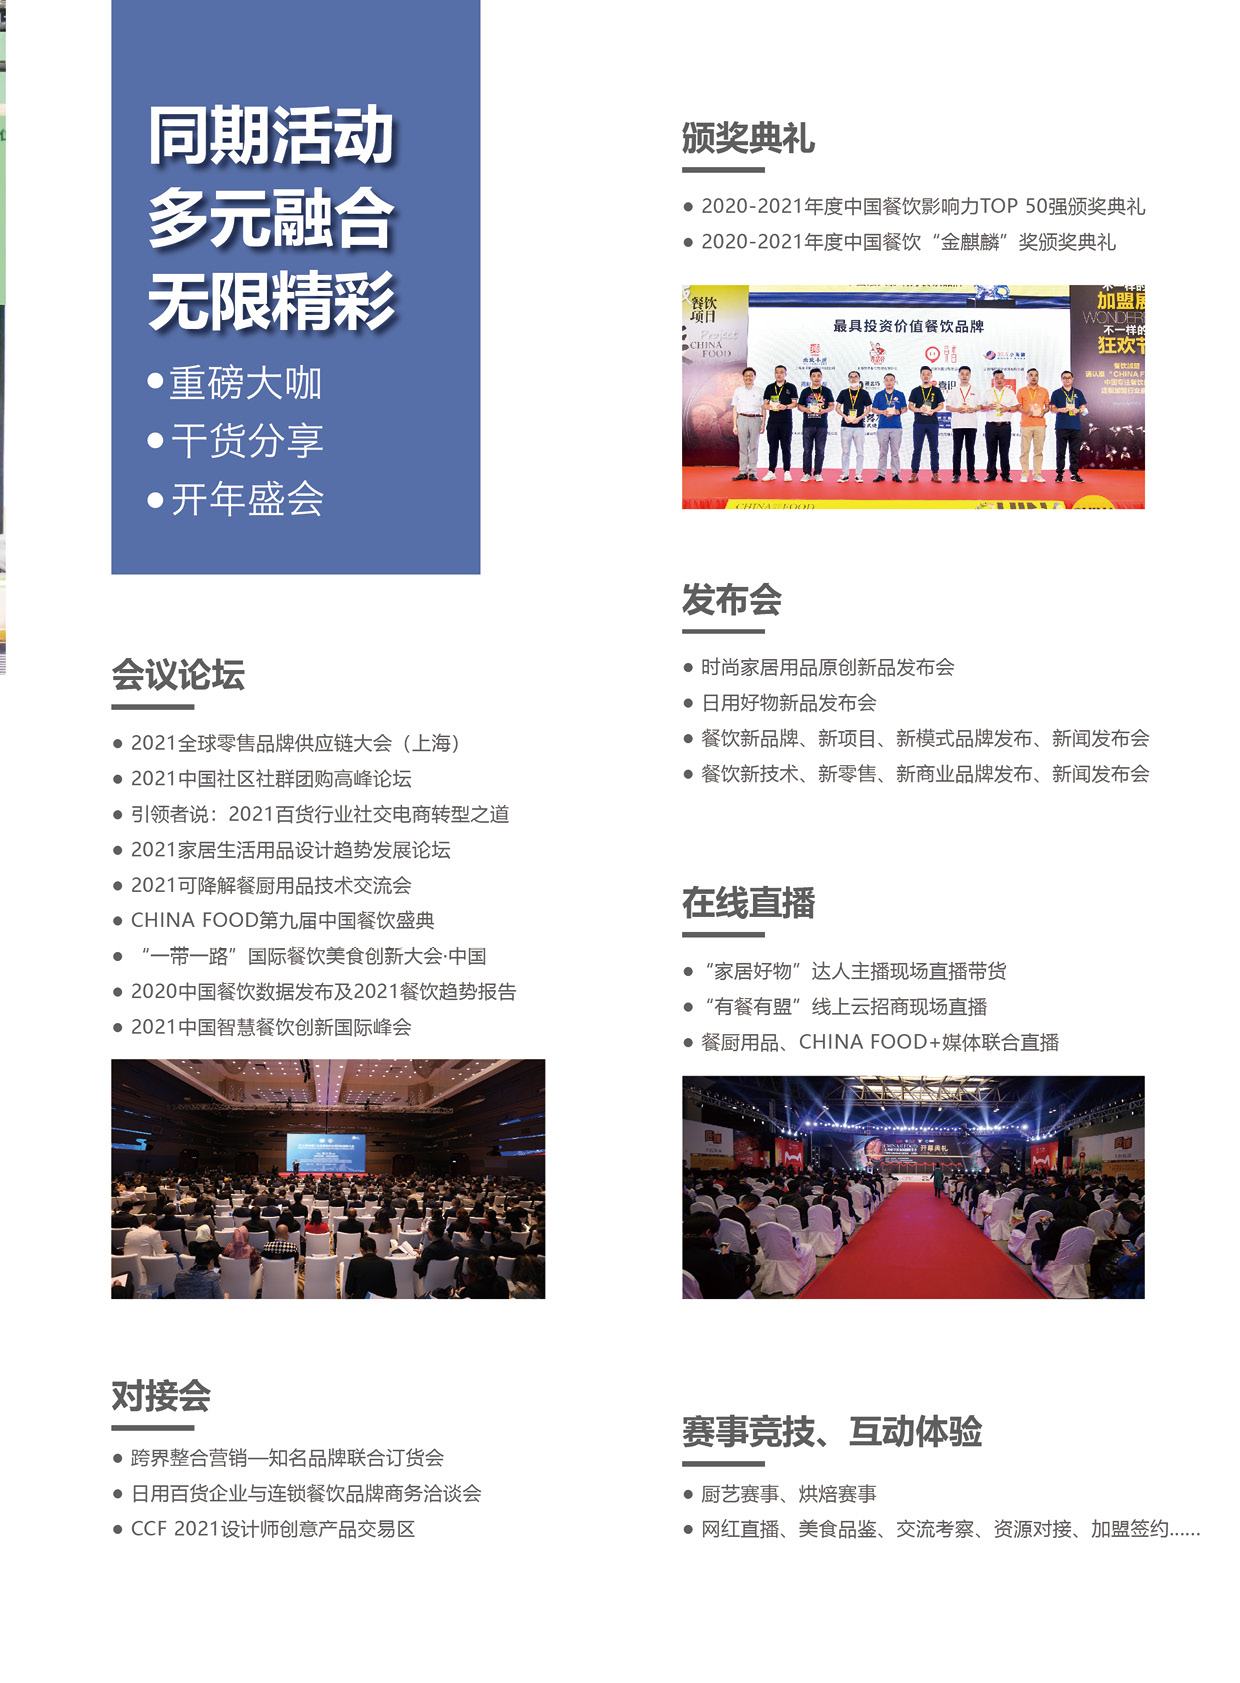 國際廚衛及餐廳用品展覽會3.jpg